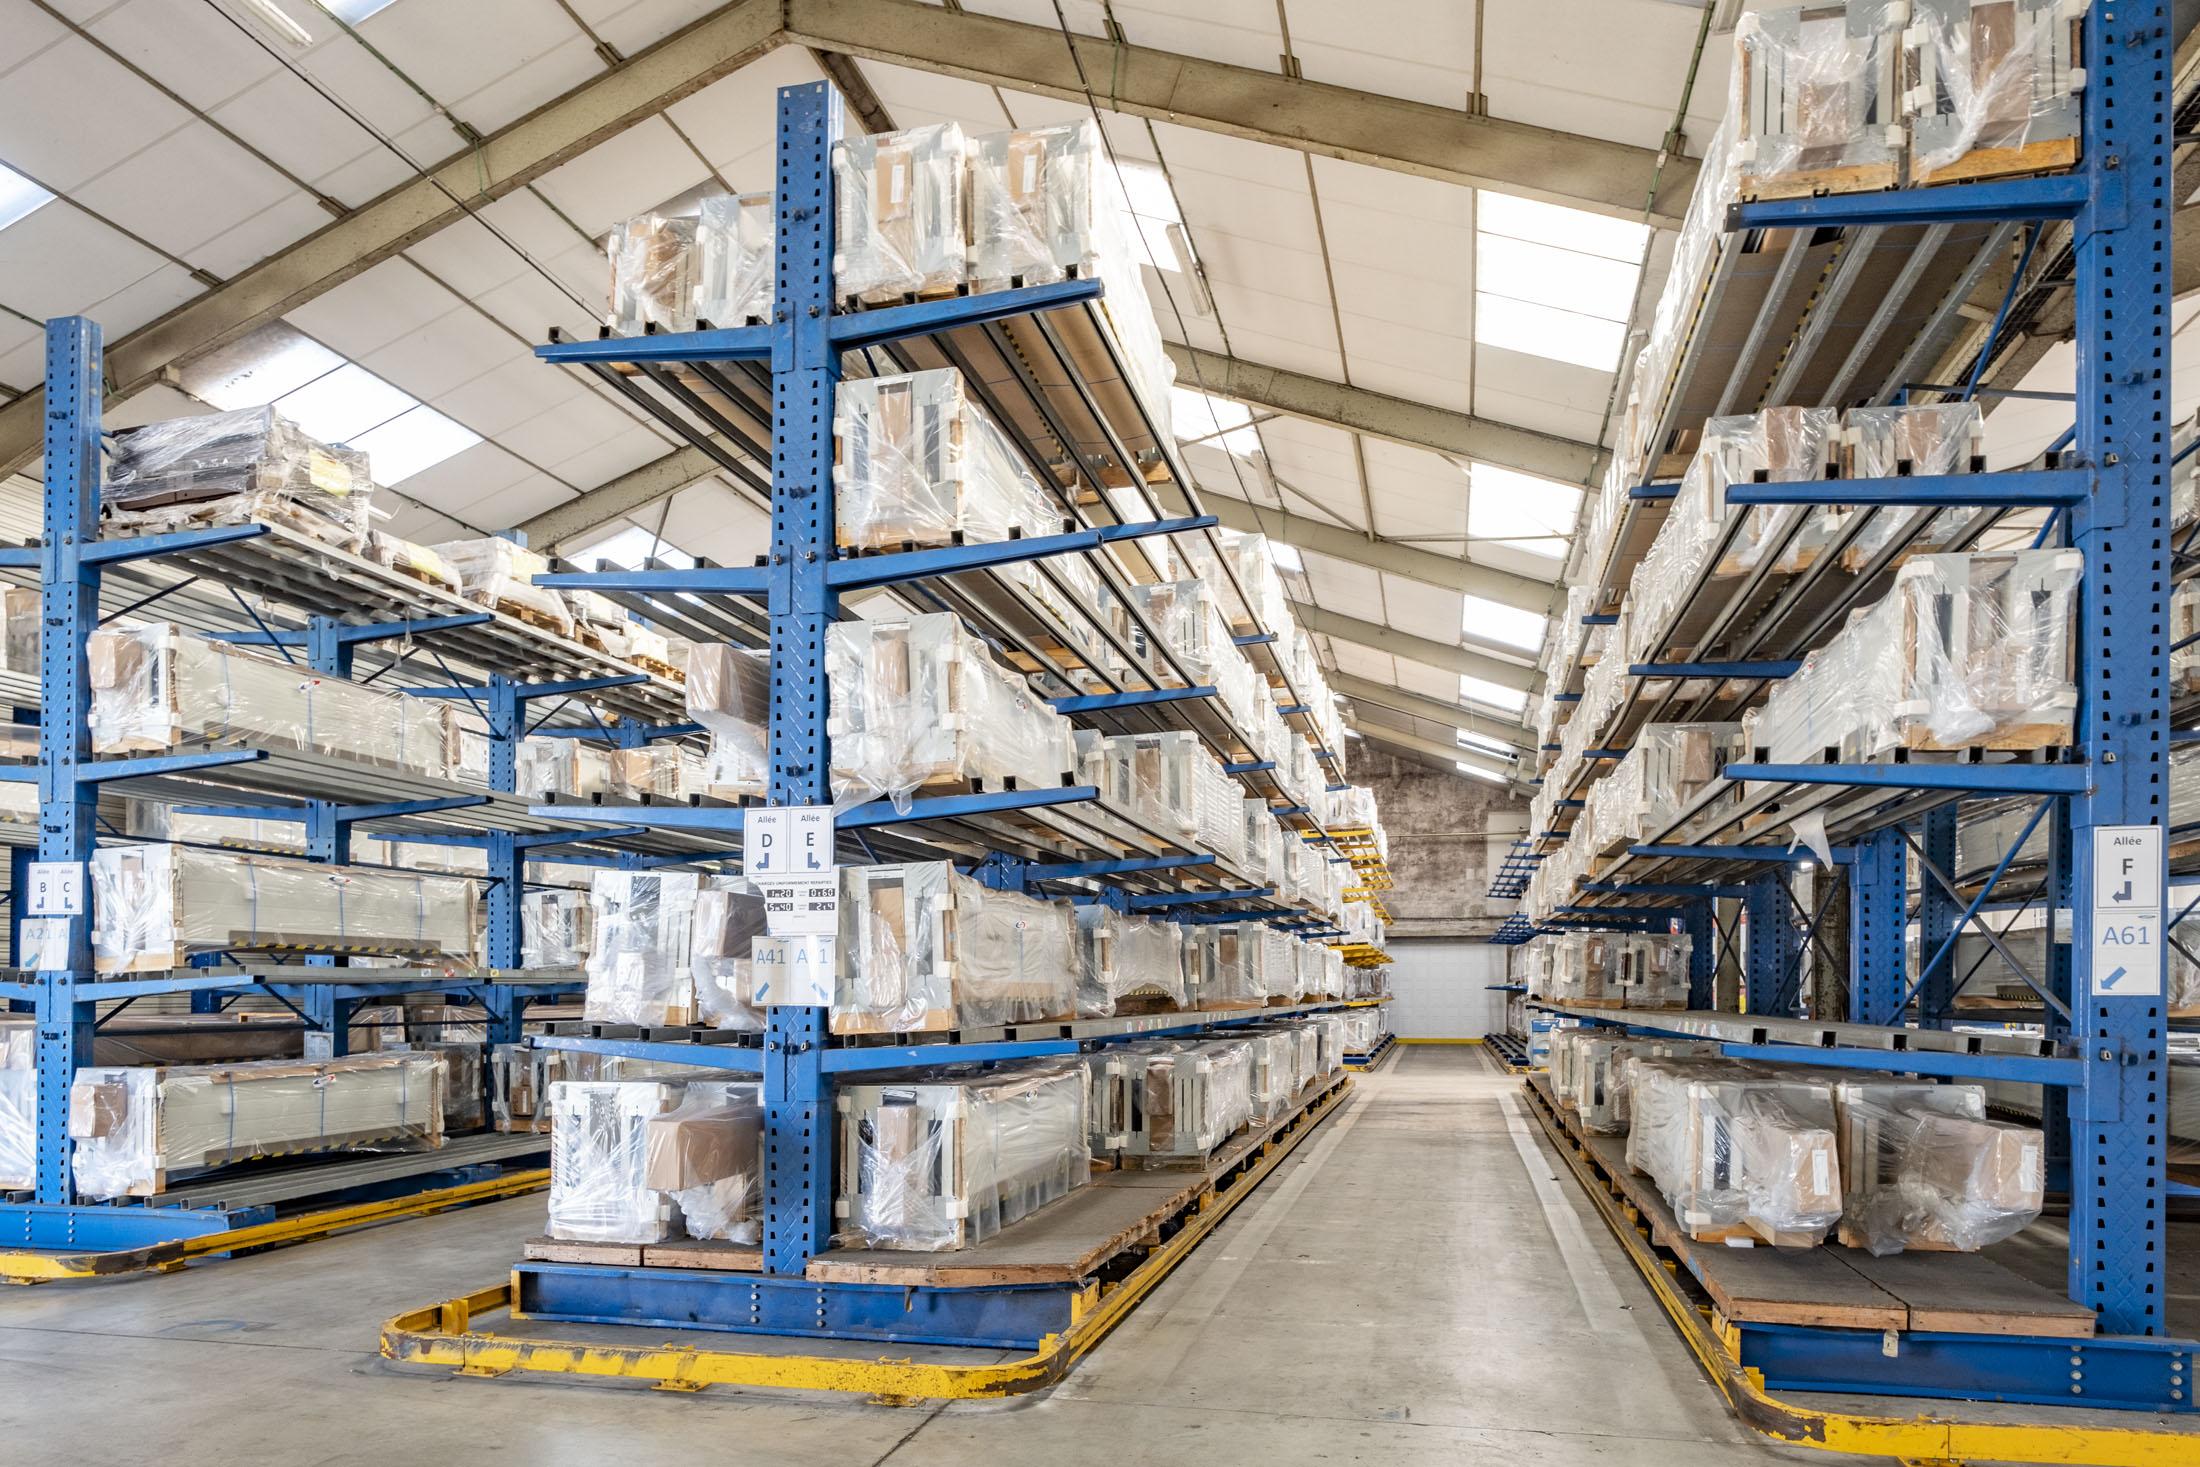 Reportage industriel, vue du stockage d'une société de fabrication de portes de garages